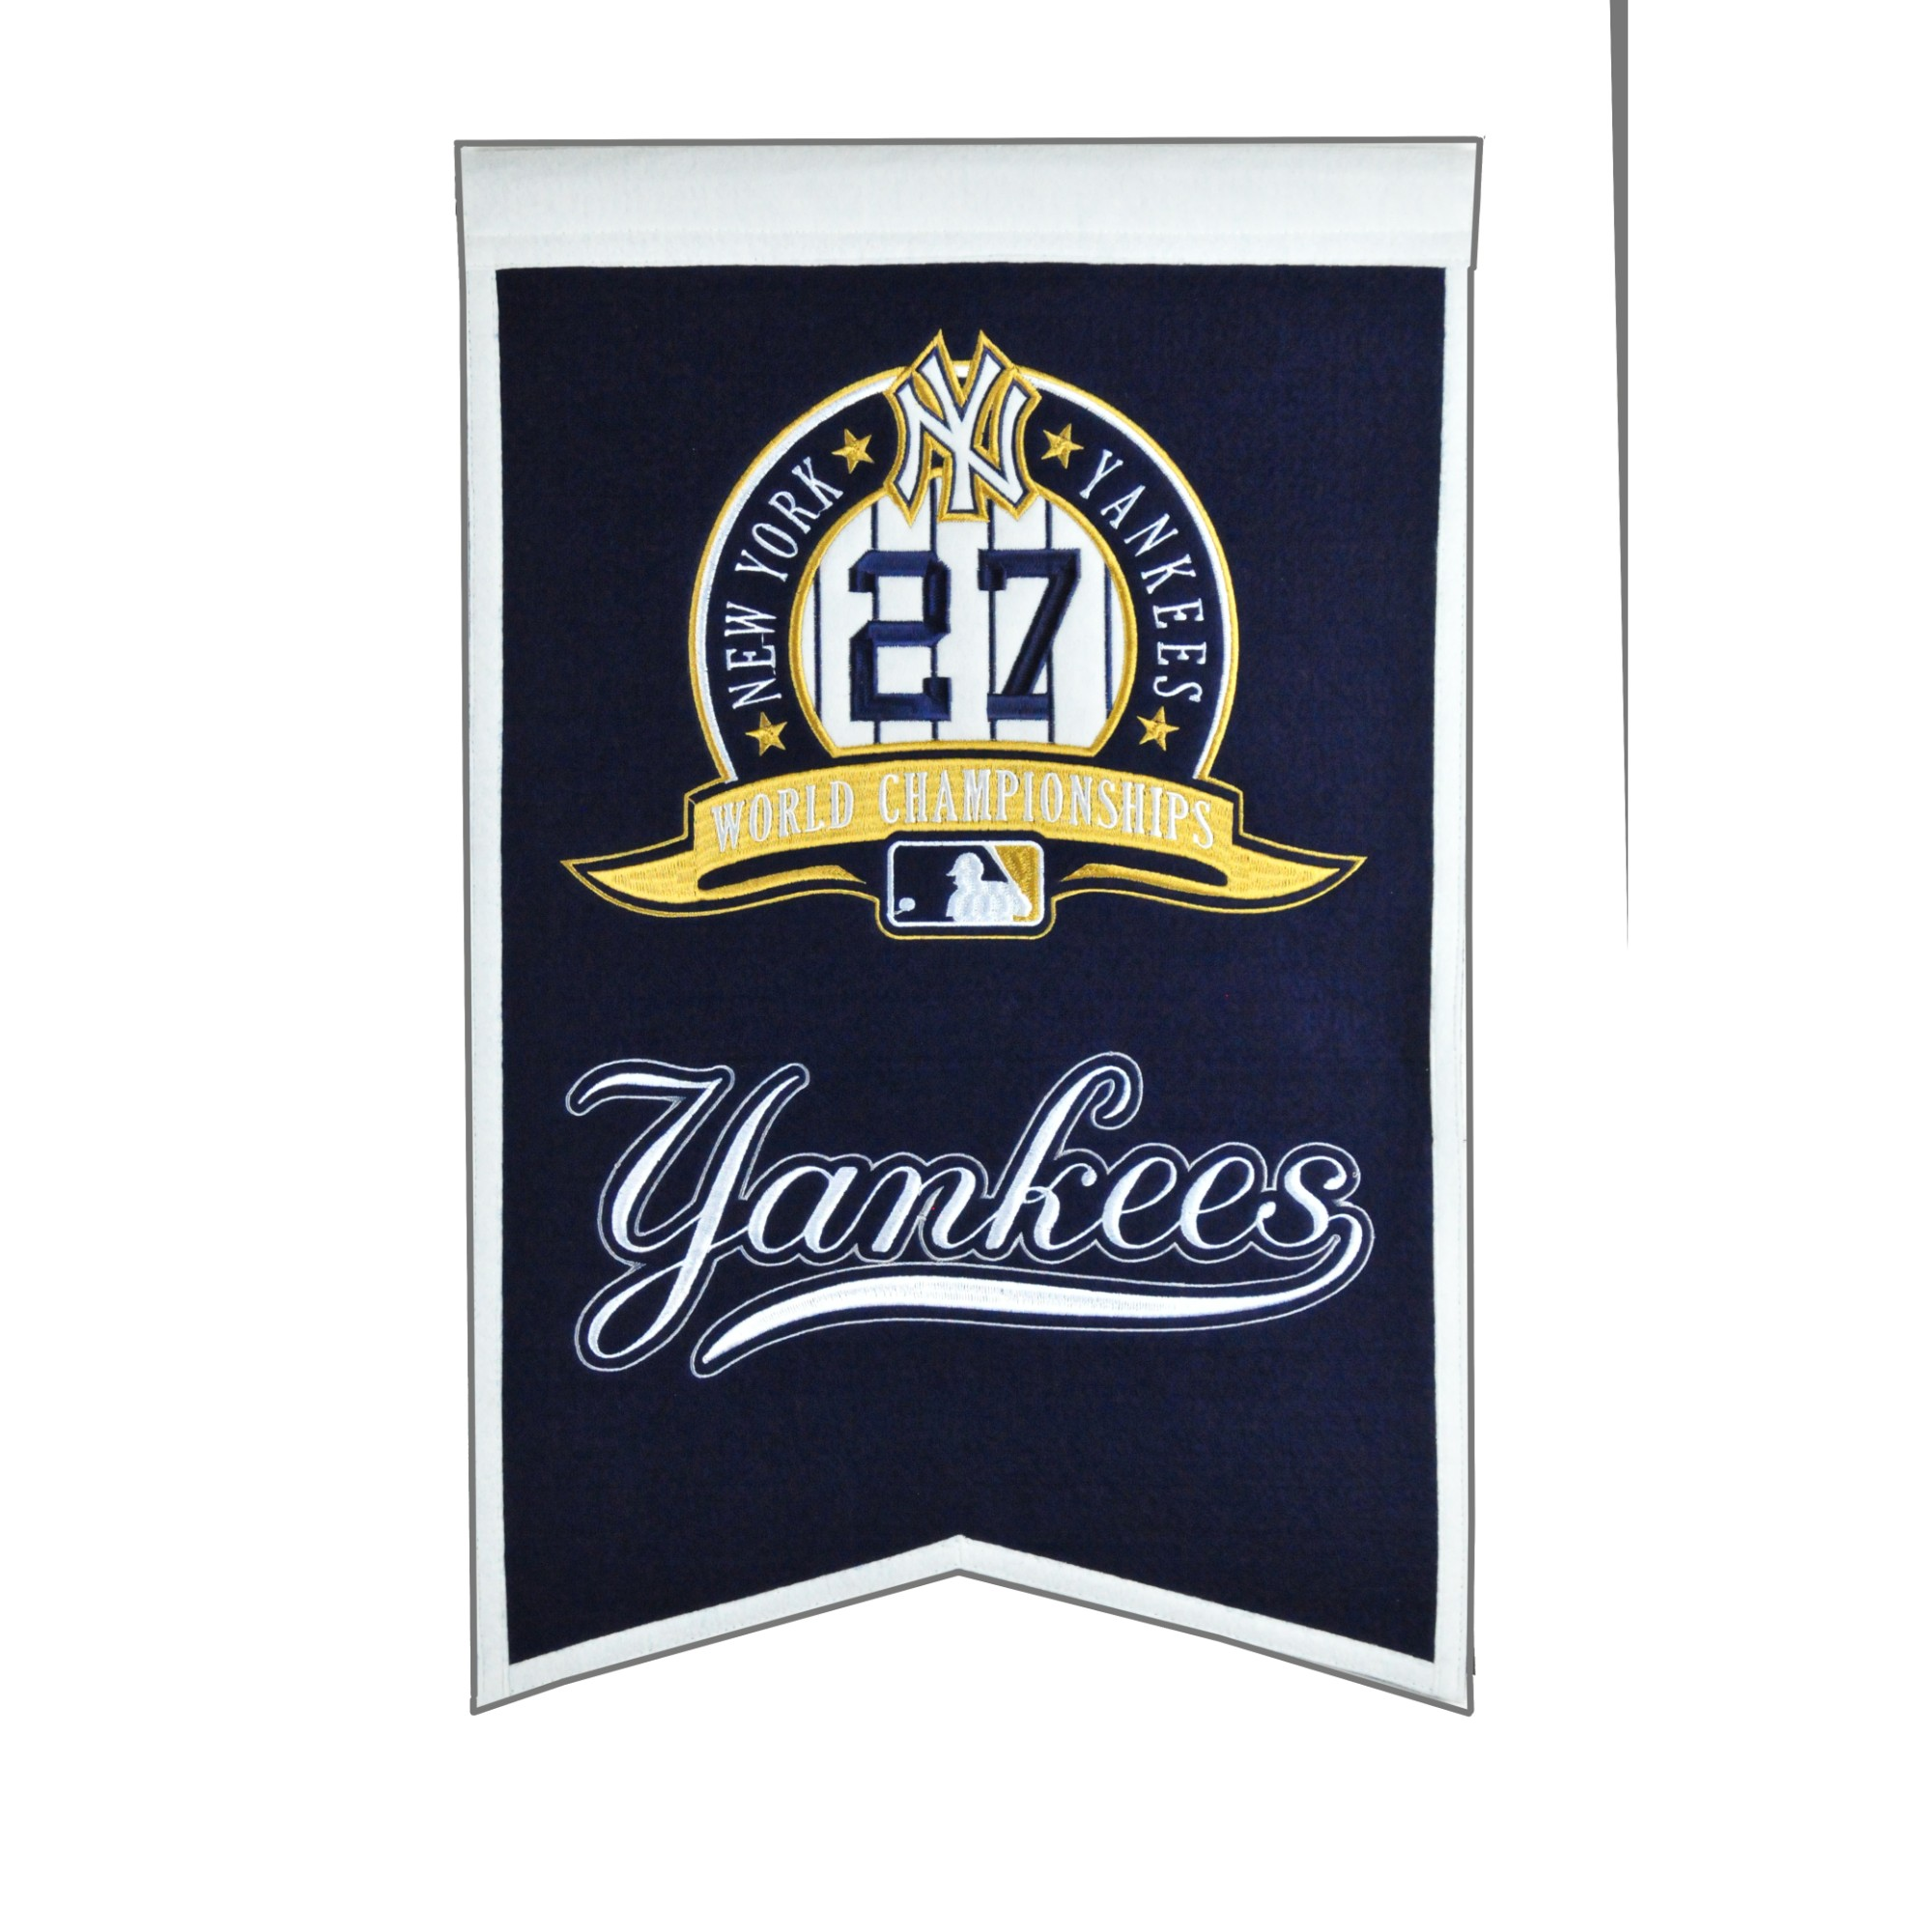 Winning Streak - MLB Champions World Series Banner, New York Yankees